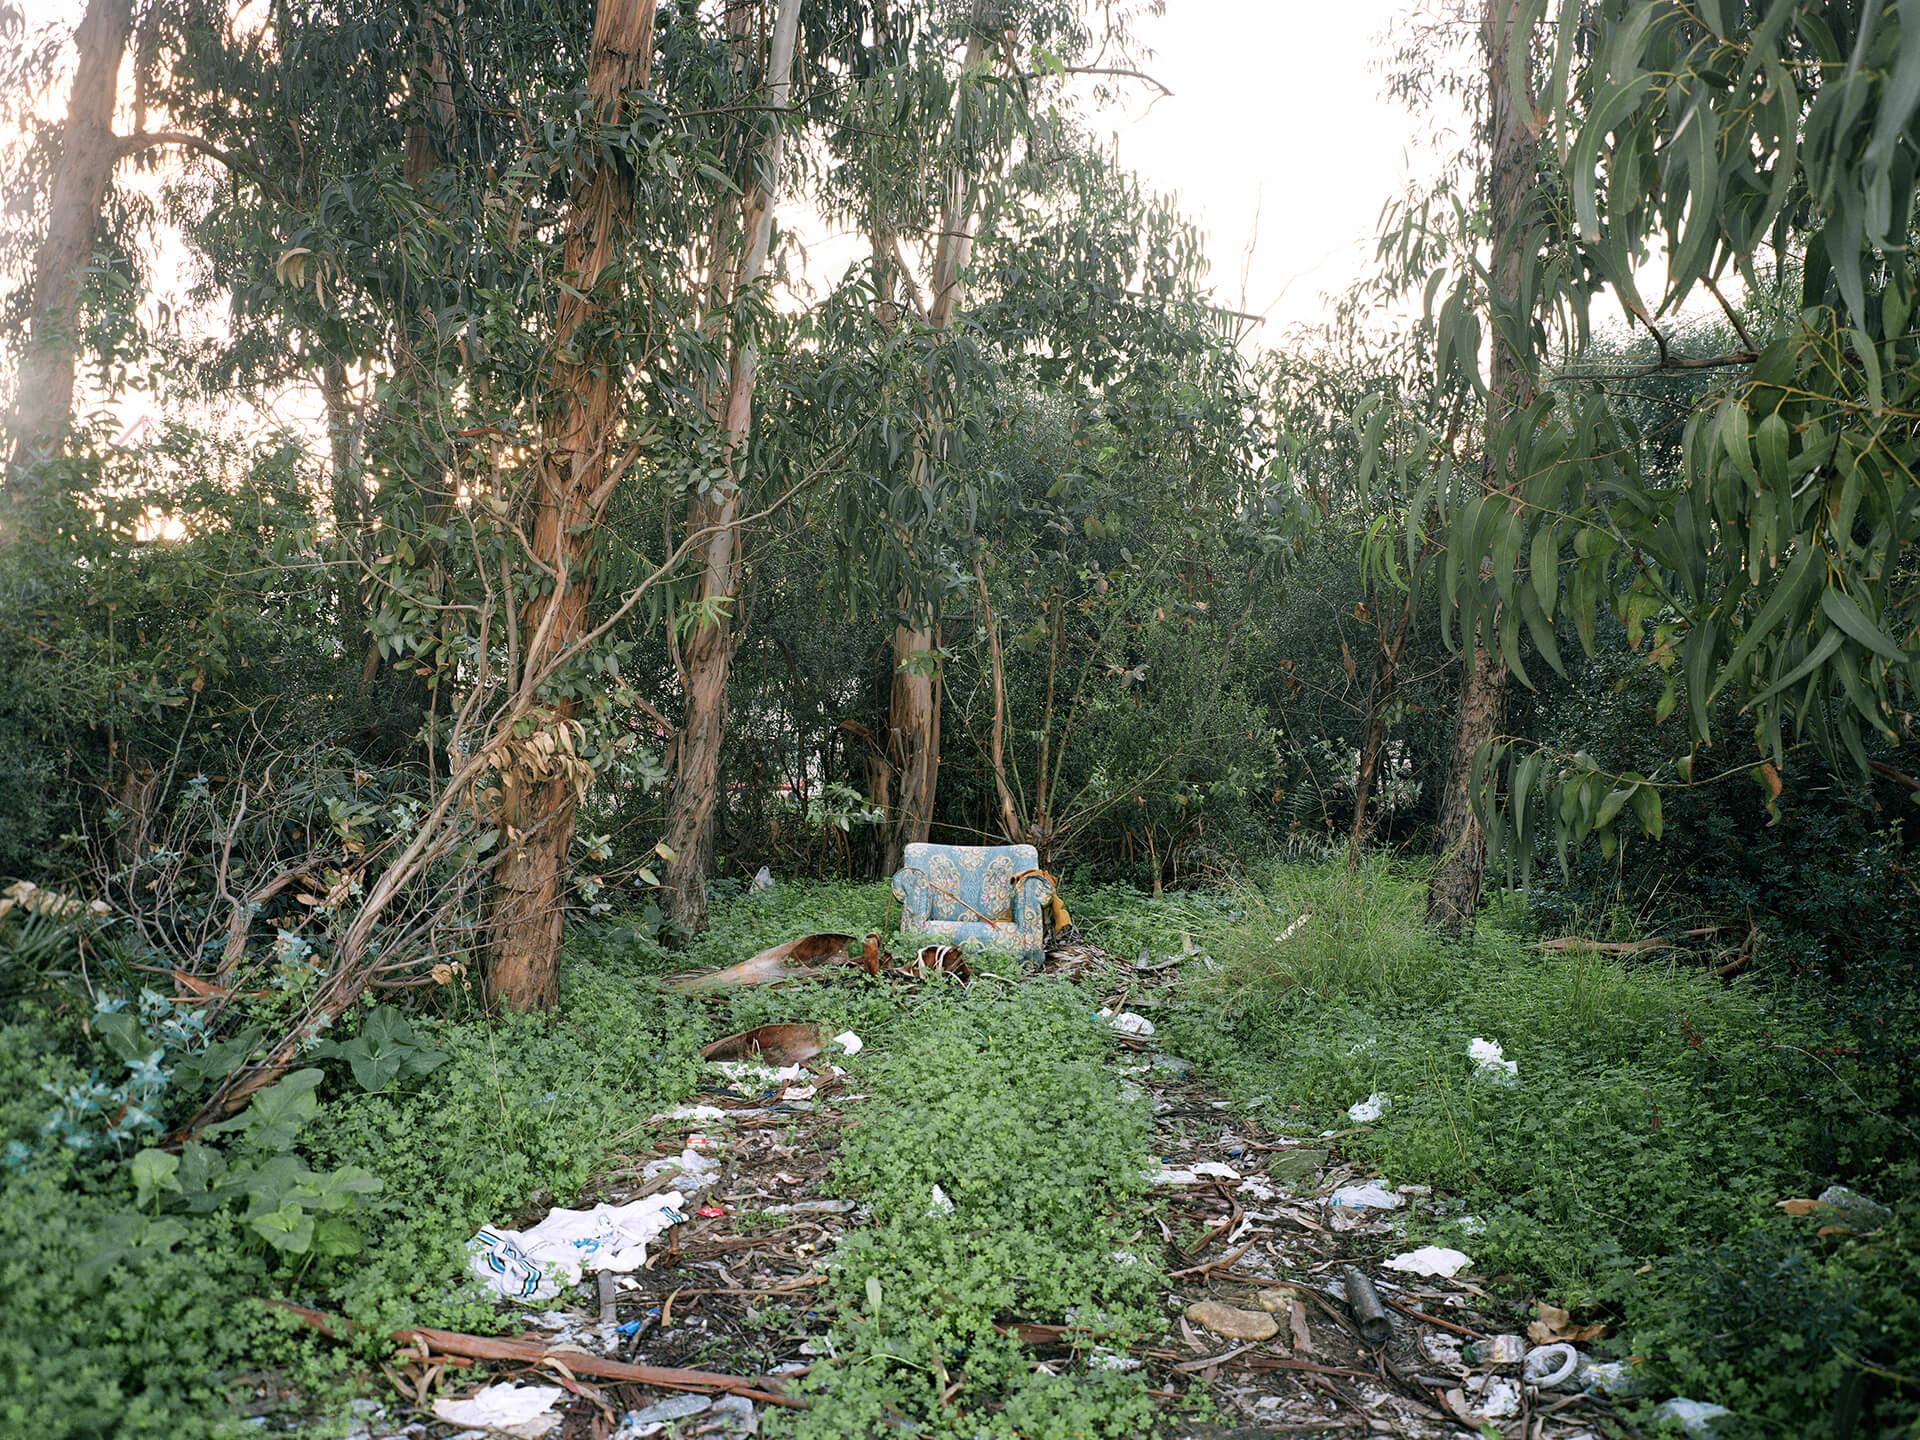 Fauteuil abandonné sur la rive du Río Guadarranque à Los Barrios, communauté autonome d'Andalousie.